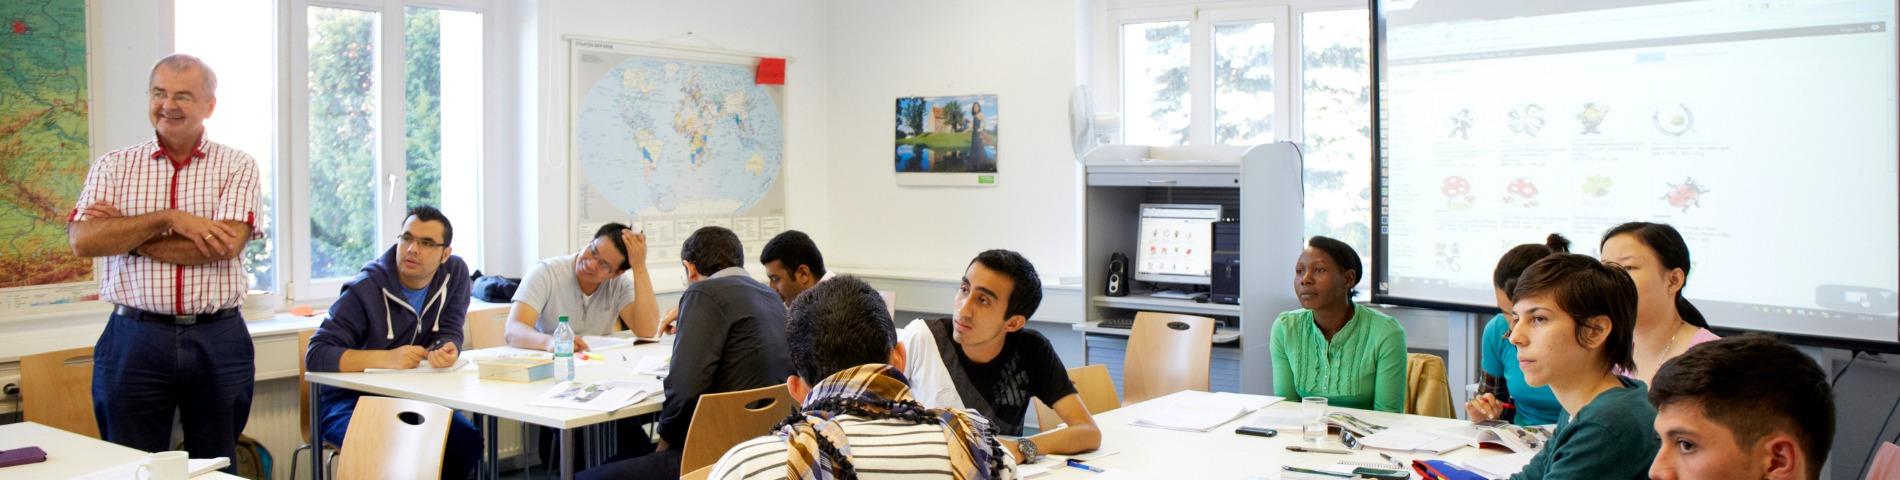 Goethe-Institut صورة 1